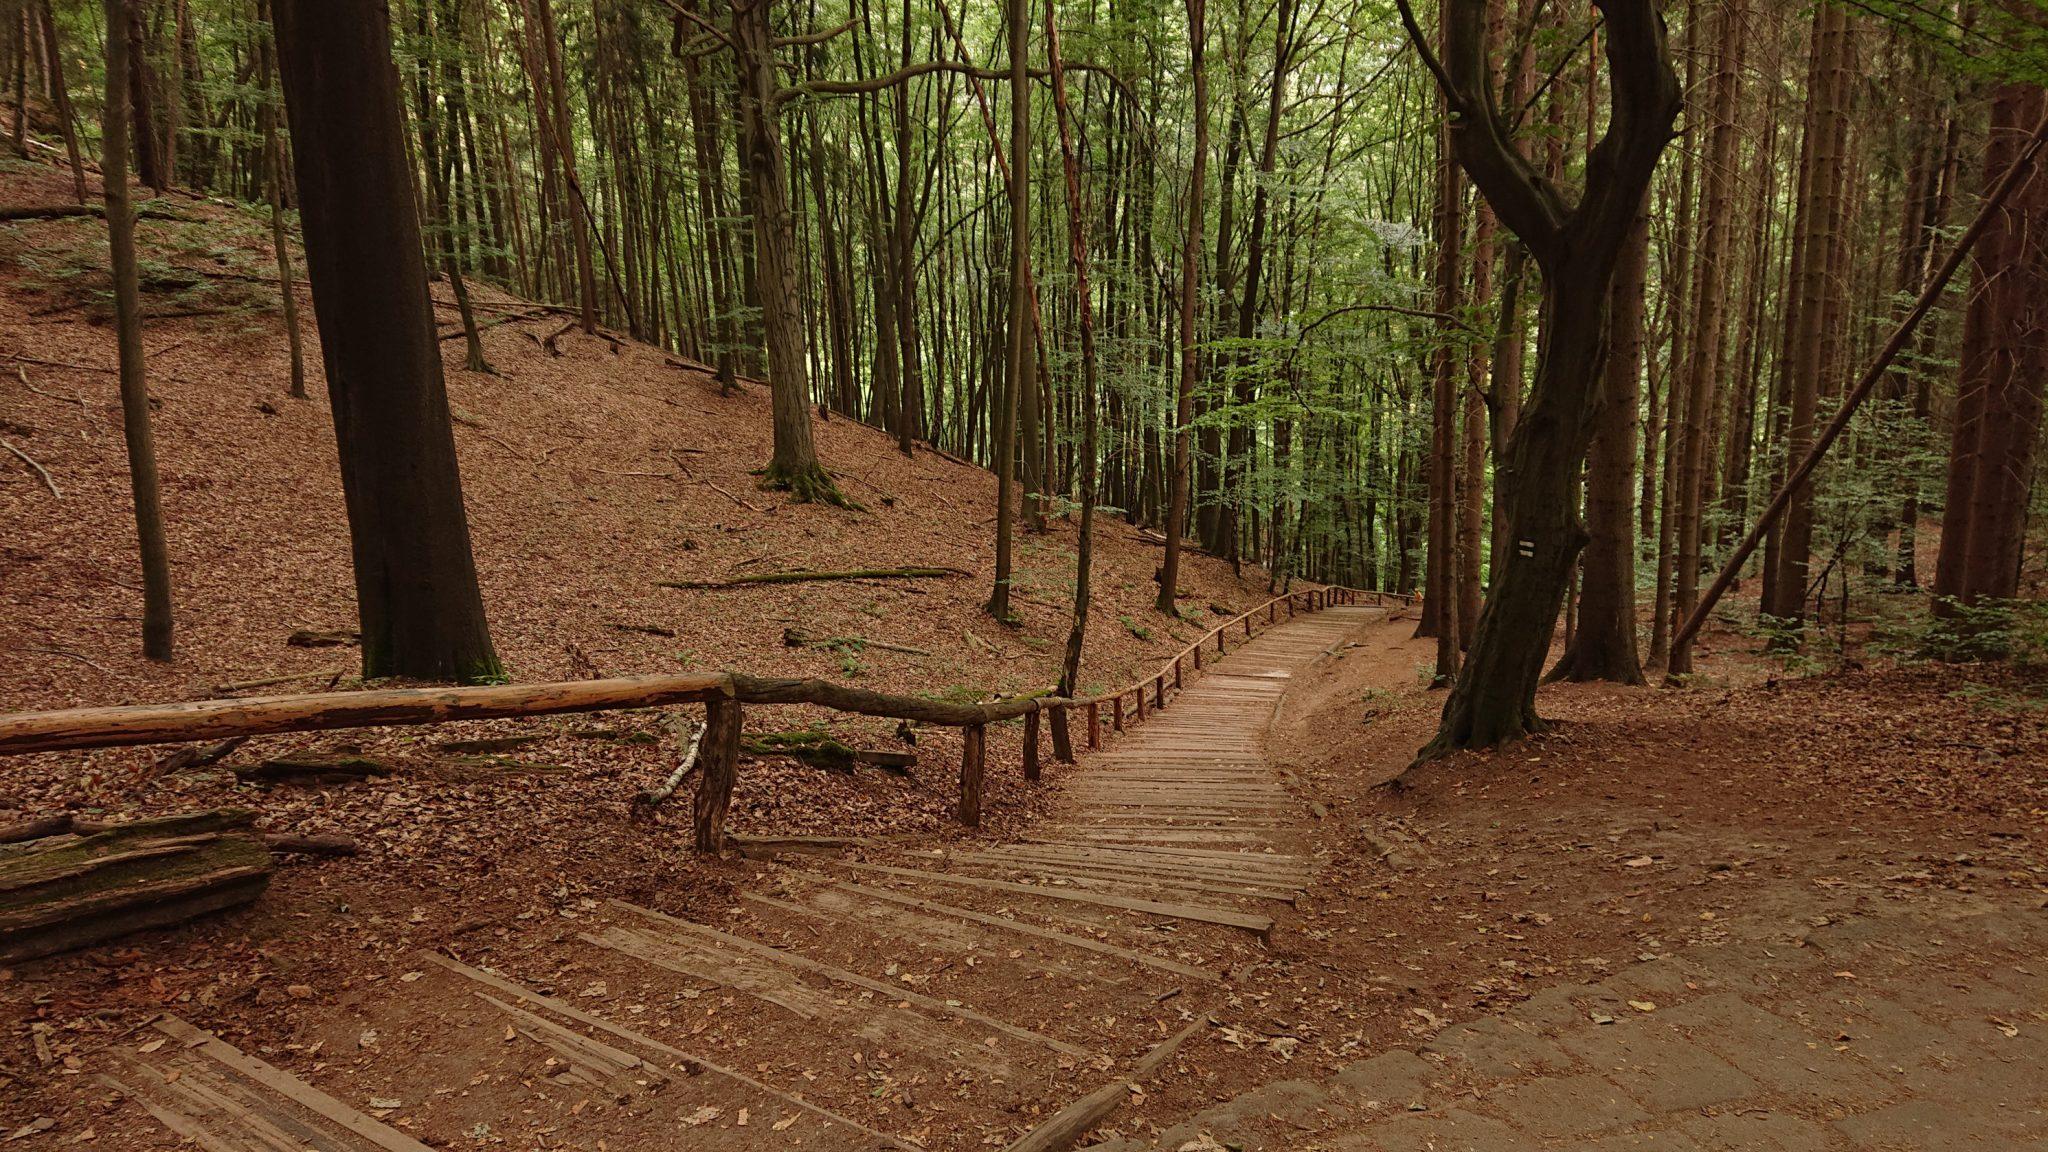 Wanderung durch Polenztal zur Bastei und zu Schwedenlöcher, Wanderweg zur Bastei, viele Treppen durch schönen Wald, weniger Menschen als erwartet sind unterwegs